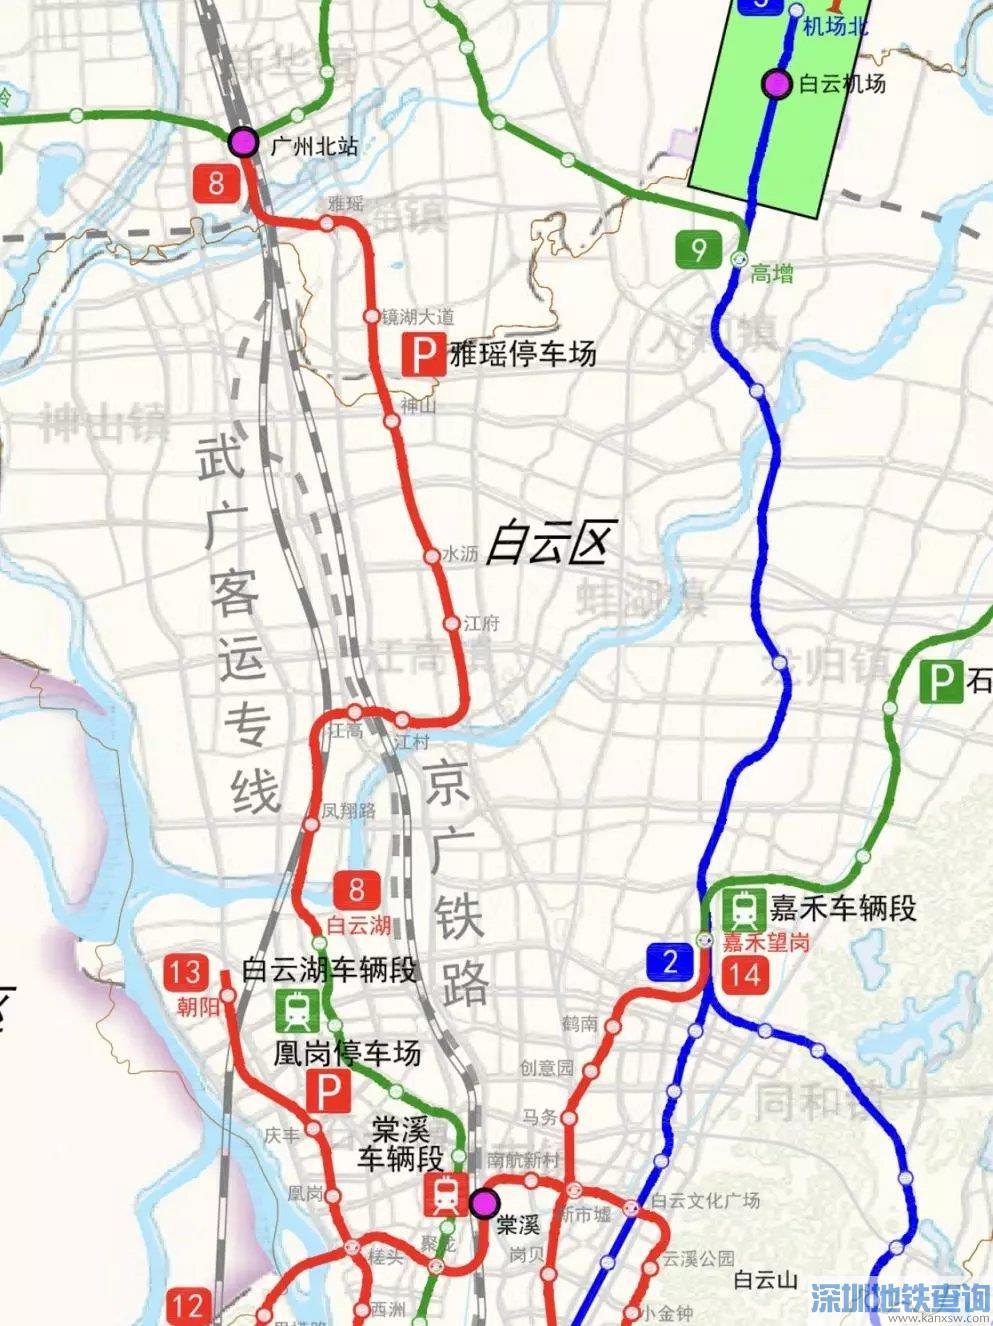 广州地铁8号线北延段及东延段2020最新规划线路图、站点